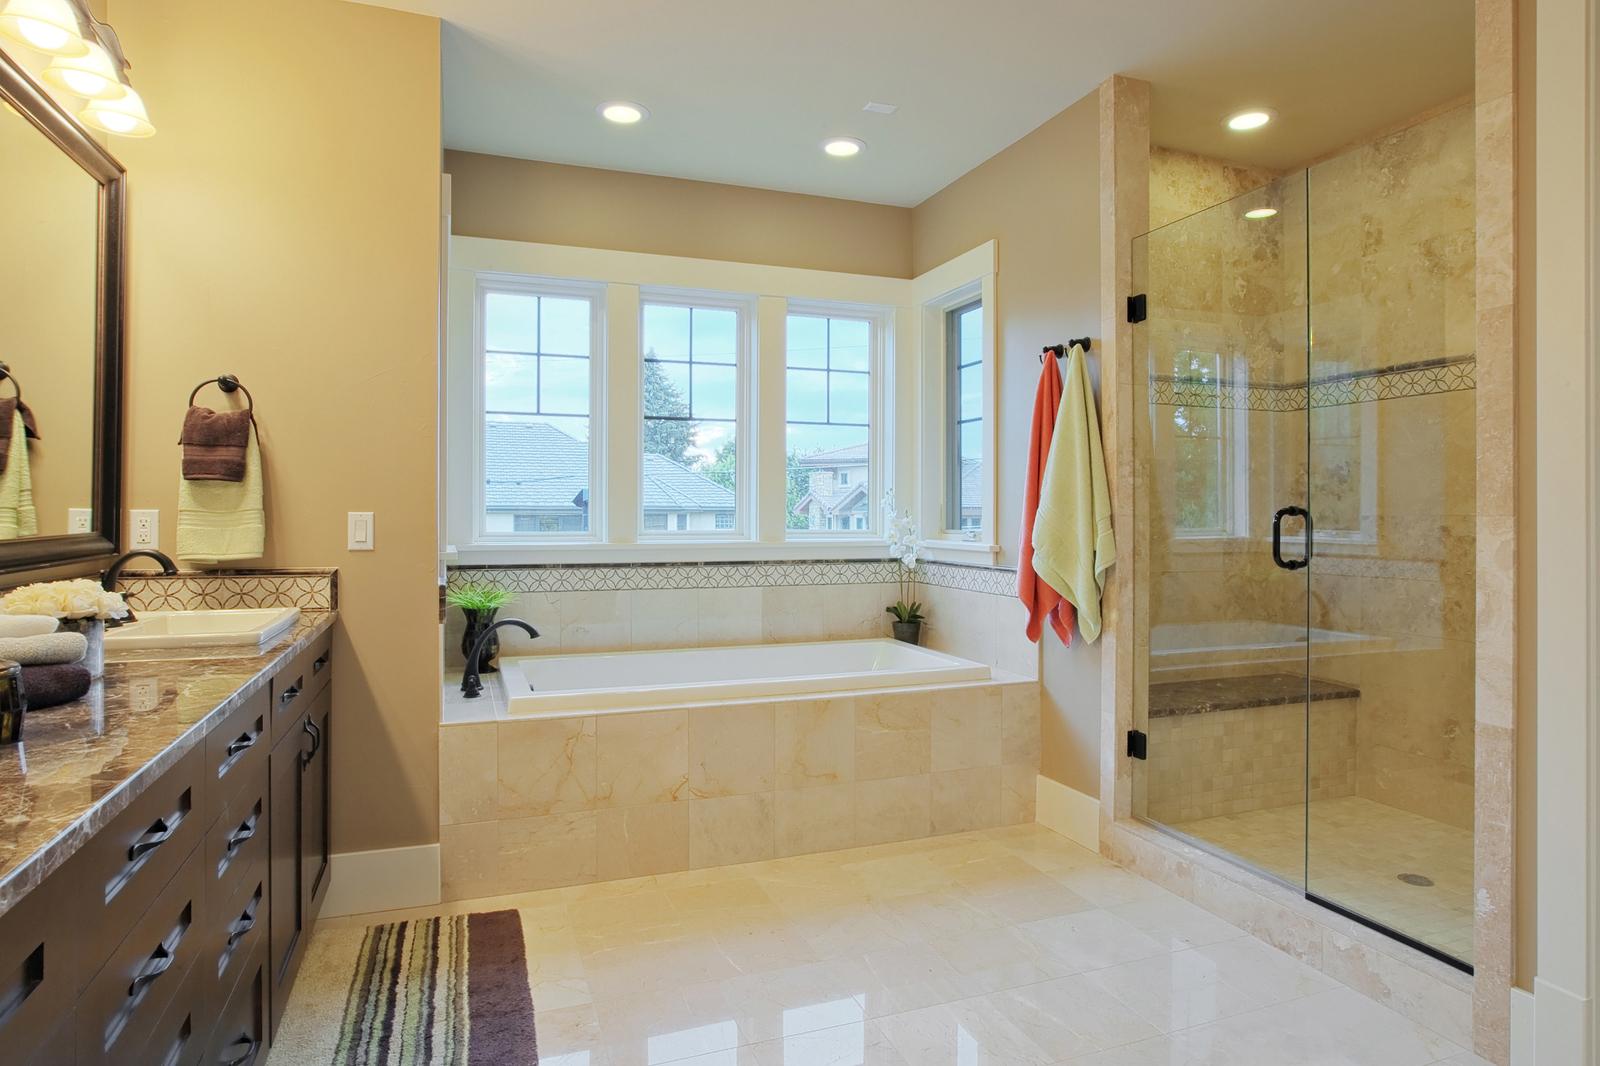 BATHROOM RENOVATIONS The Ottawa Home Renovator - Bathroom contractors cincinnati